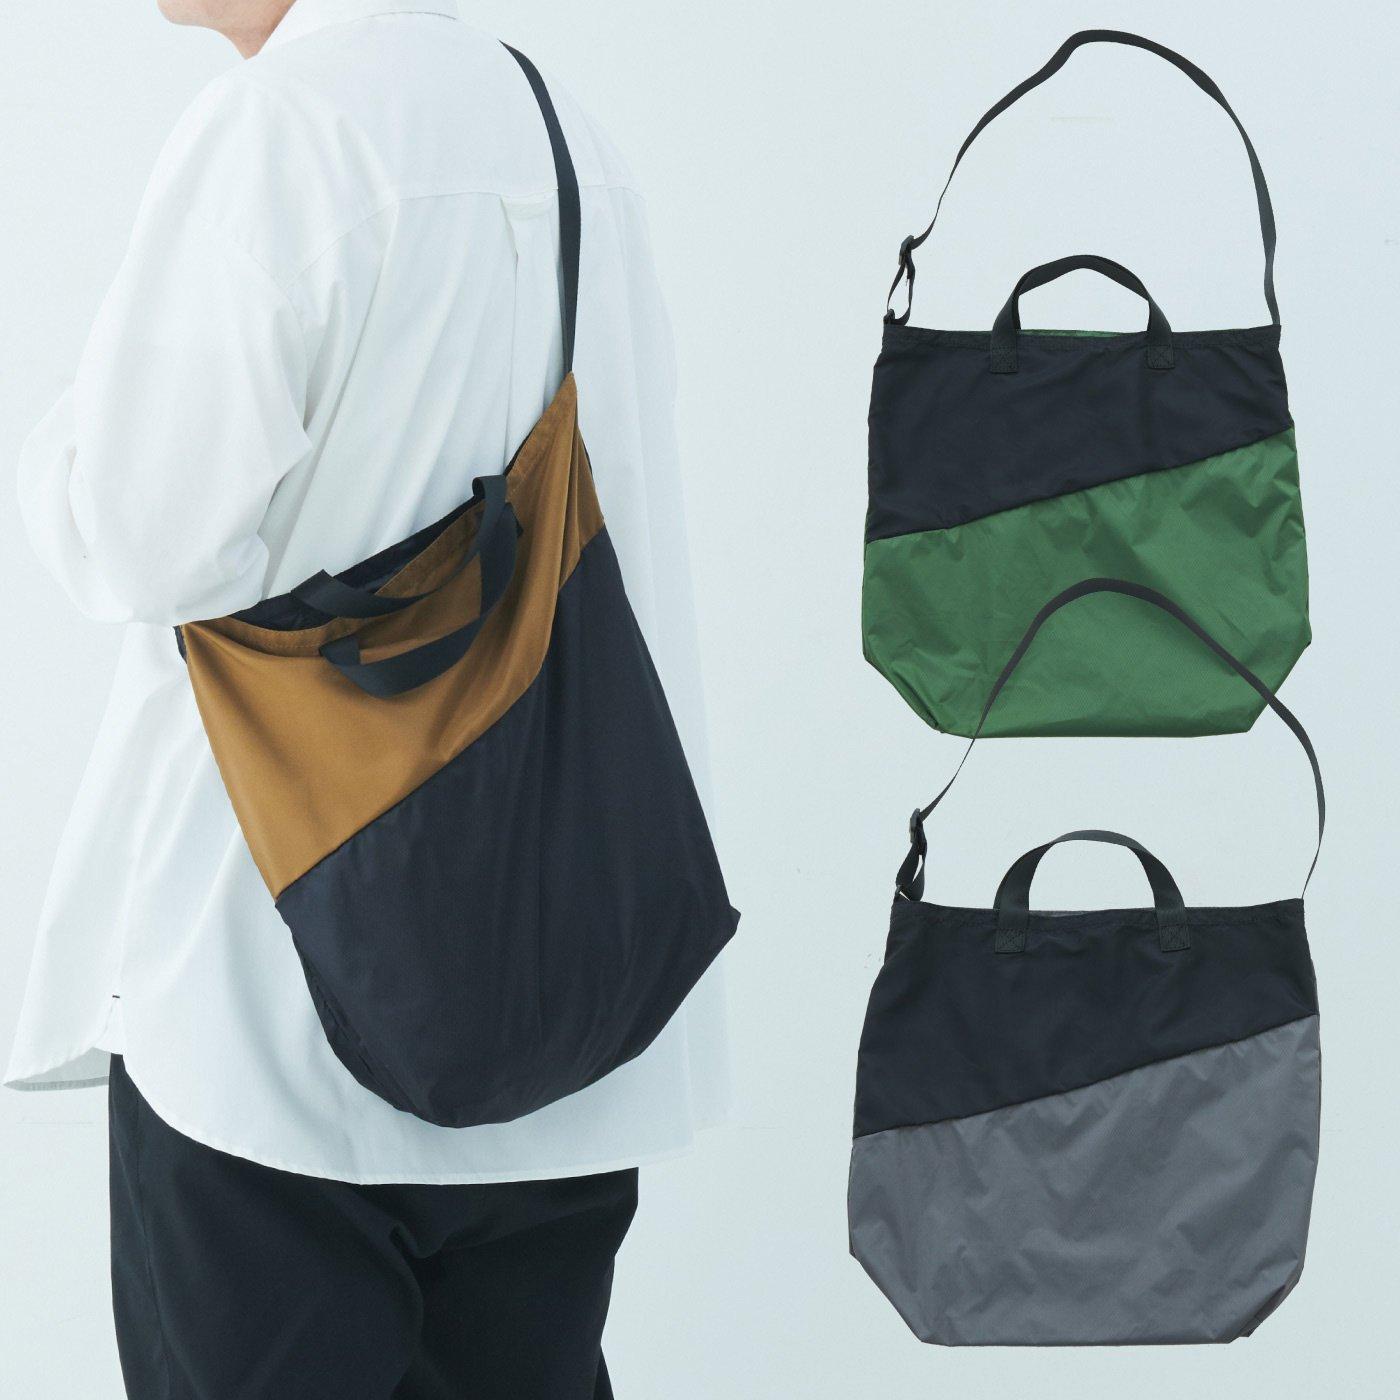 IEDIT[イディット] カラビナつきで便利!リップストップ素材で軽量&タフなスマートデザインユニセックスエコバッグの会